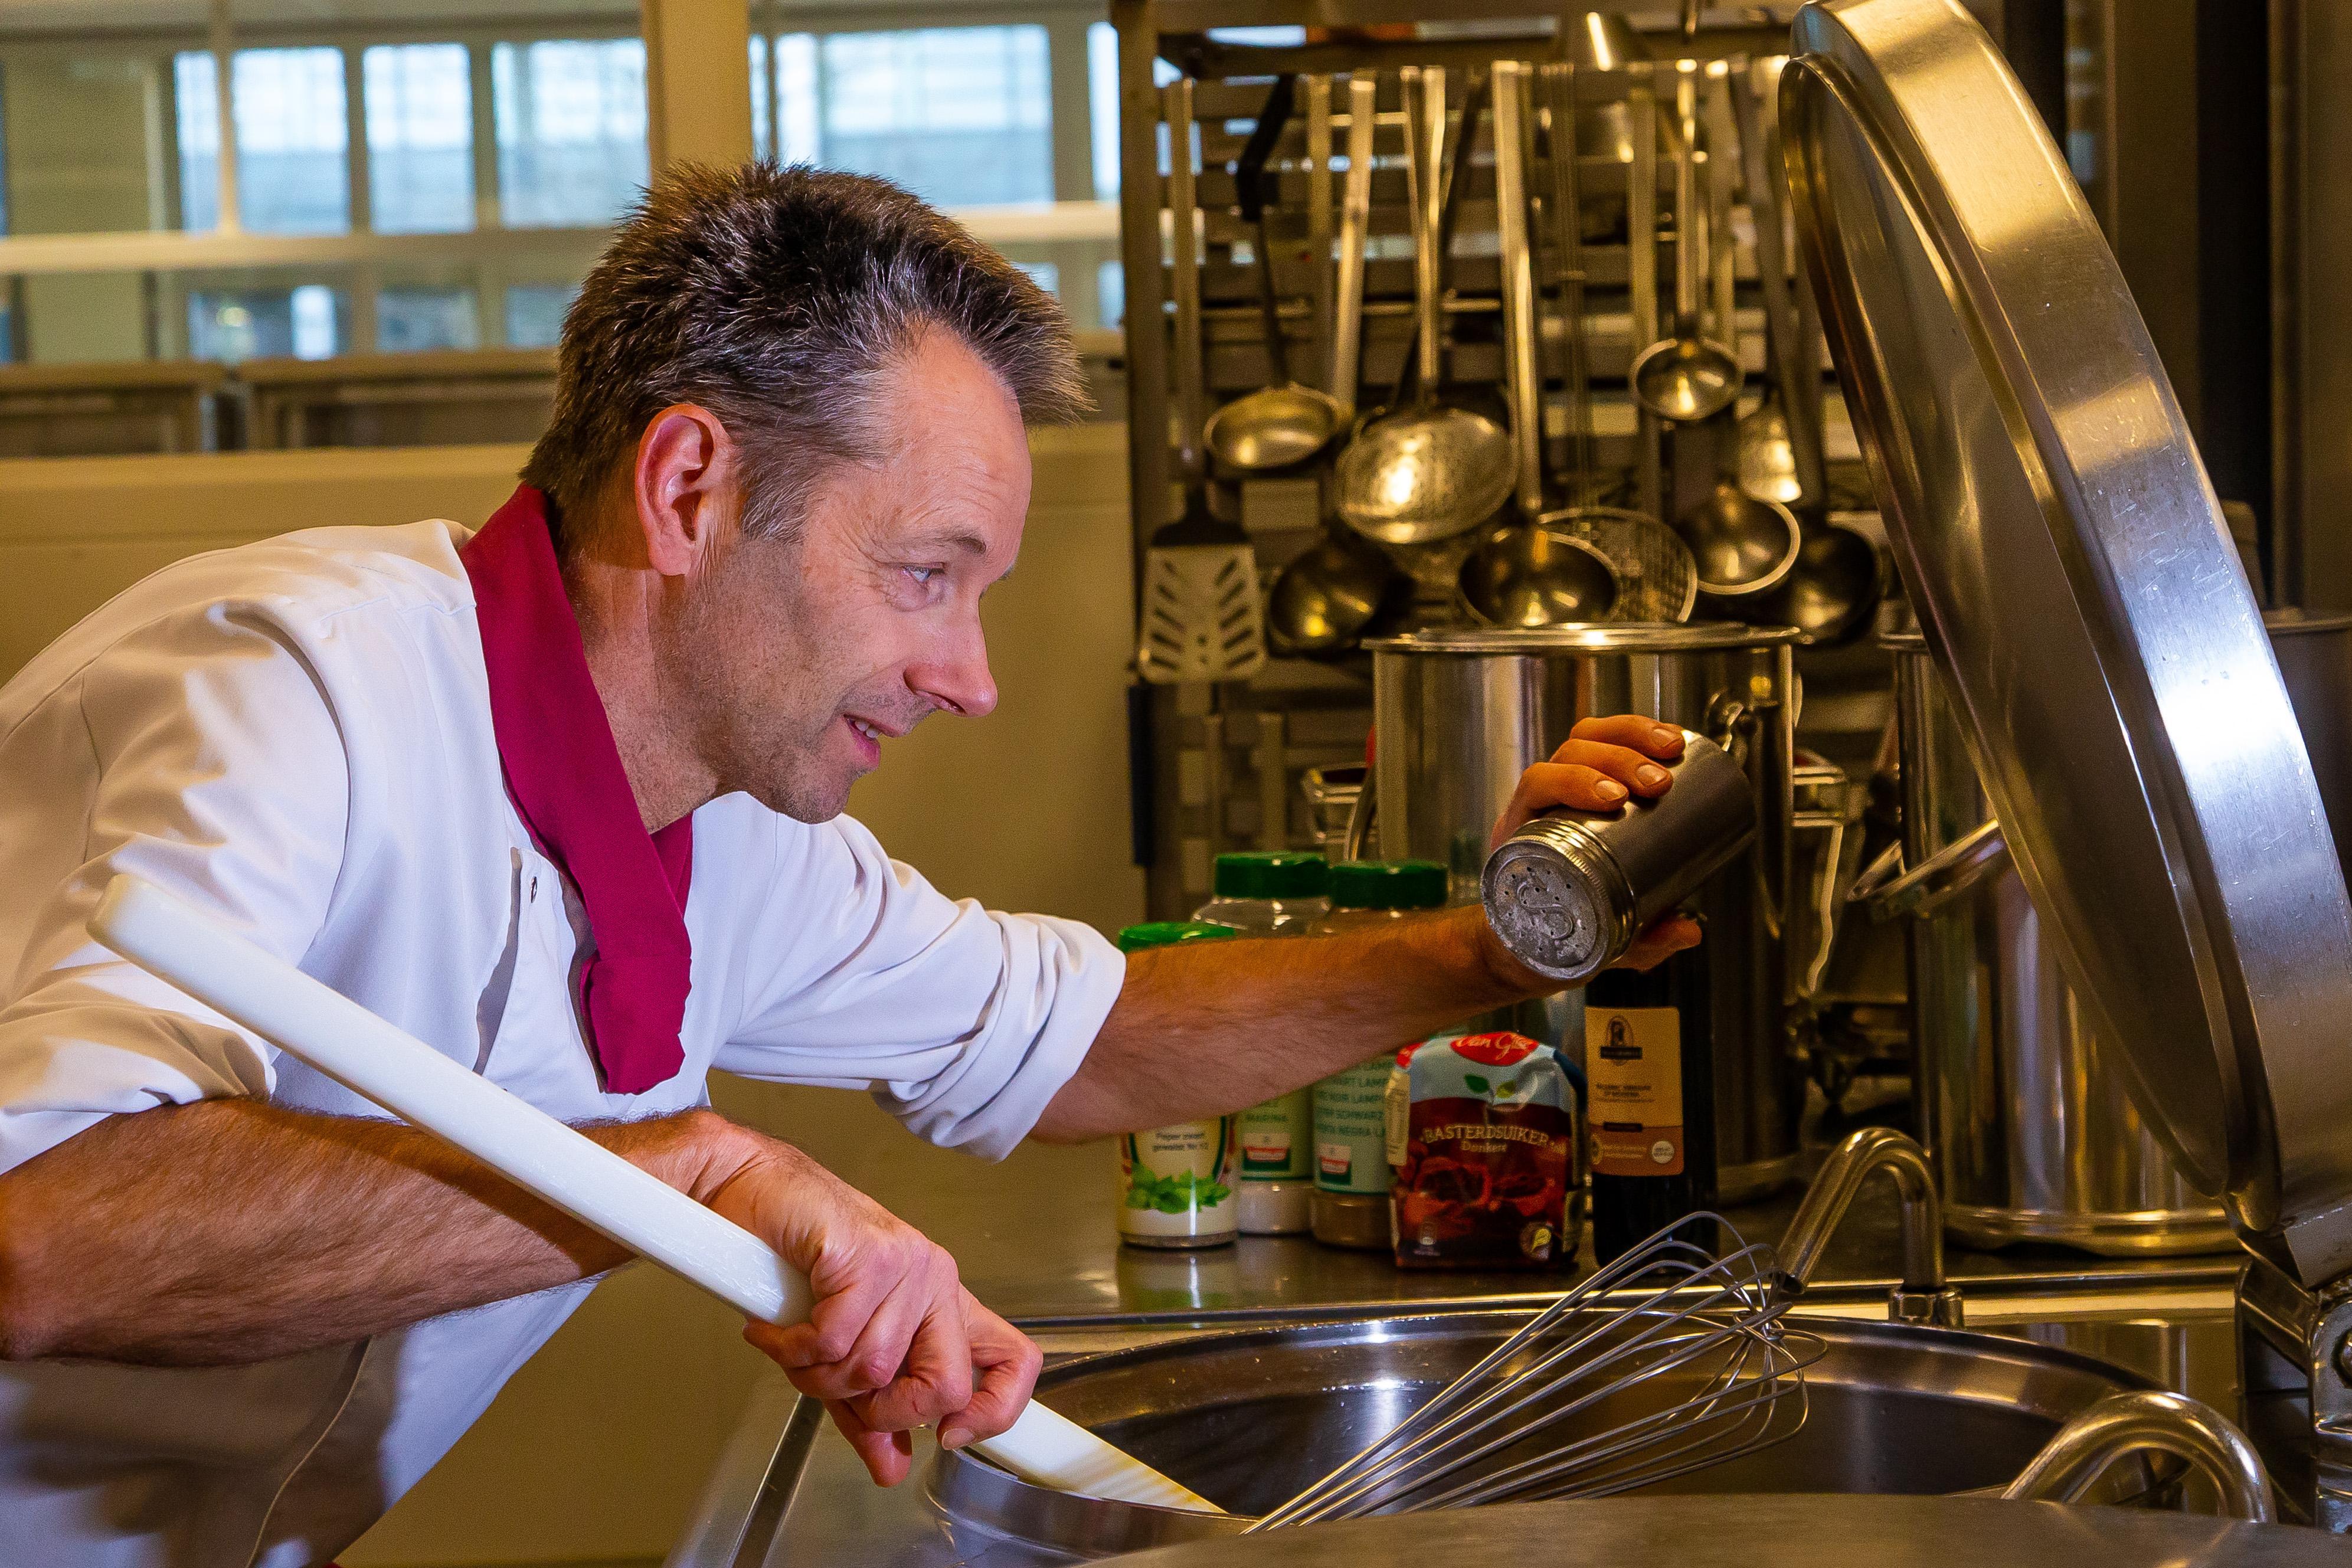 Kroketje met honing, bloemkool met stroop: smaakpoli voor oncologiepatiënten: dieetkok Cees Neefjes van het Dijklander Ziekenhuis kijkt nergens meer van op